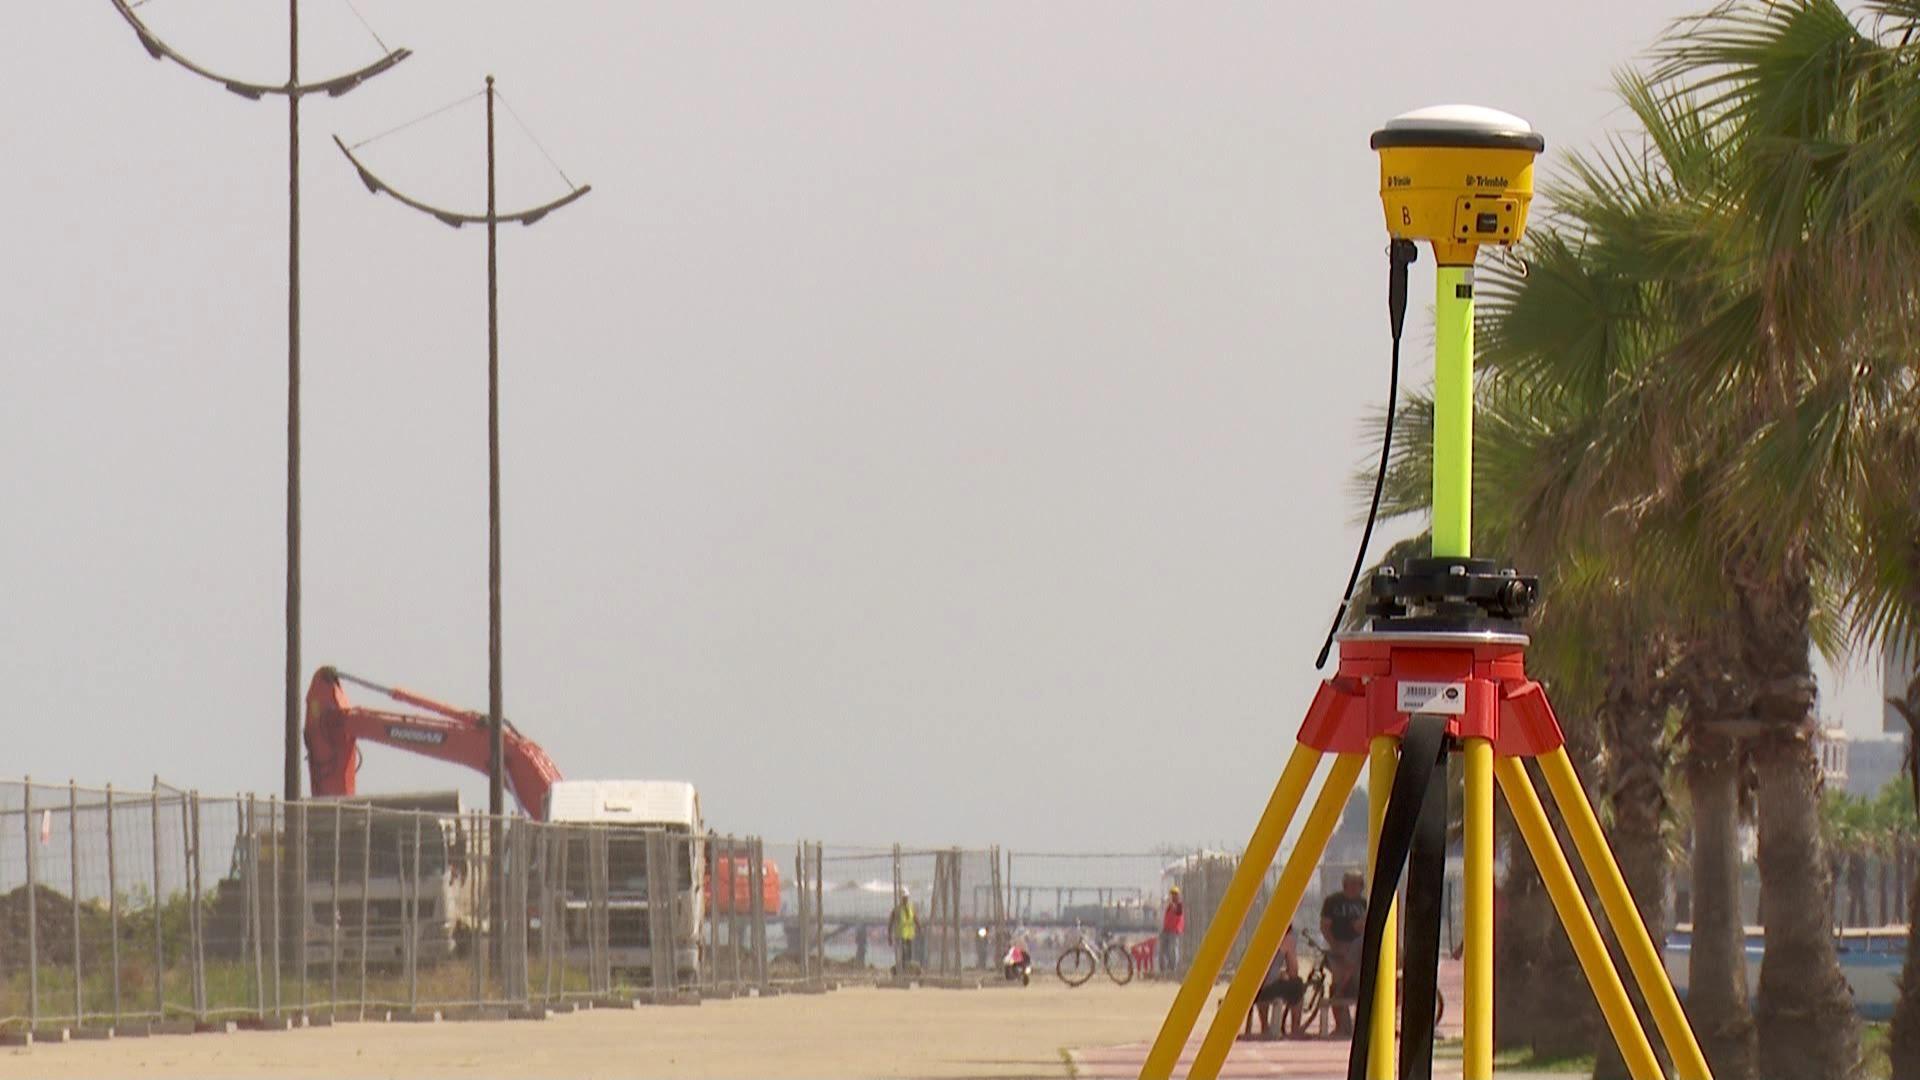 სამუშაოების გამო ჩაკეტილი ორკილომეტრიანი სანაპირო